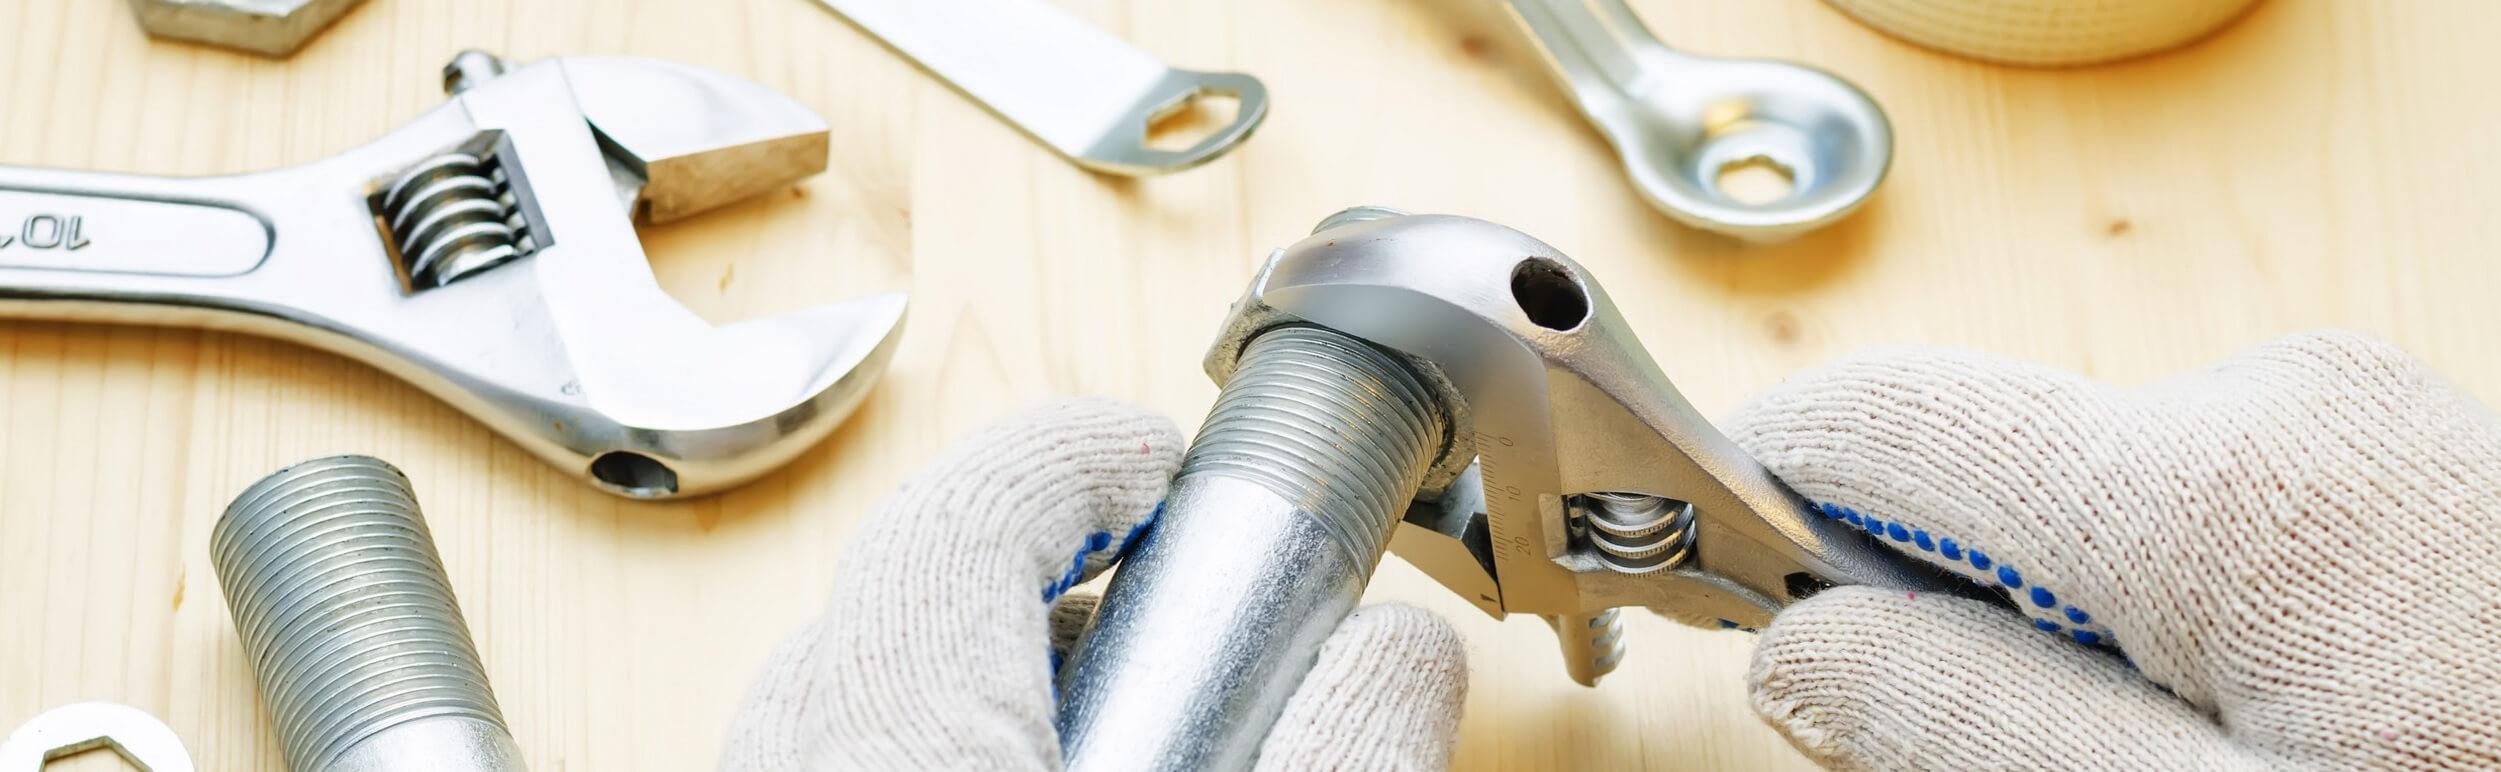 ser-0005-plumbing